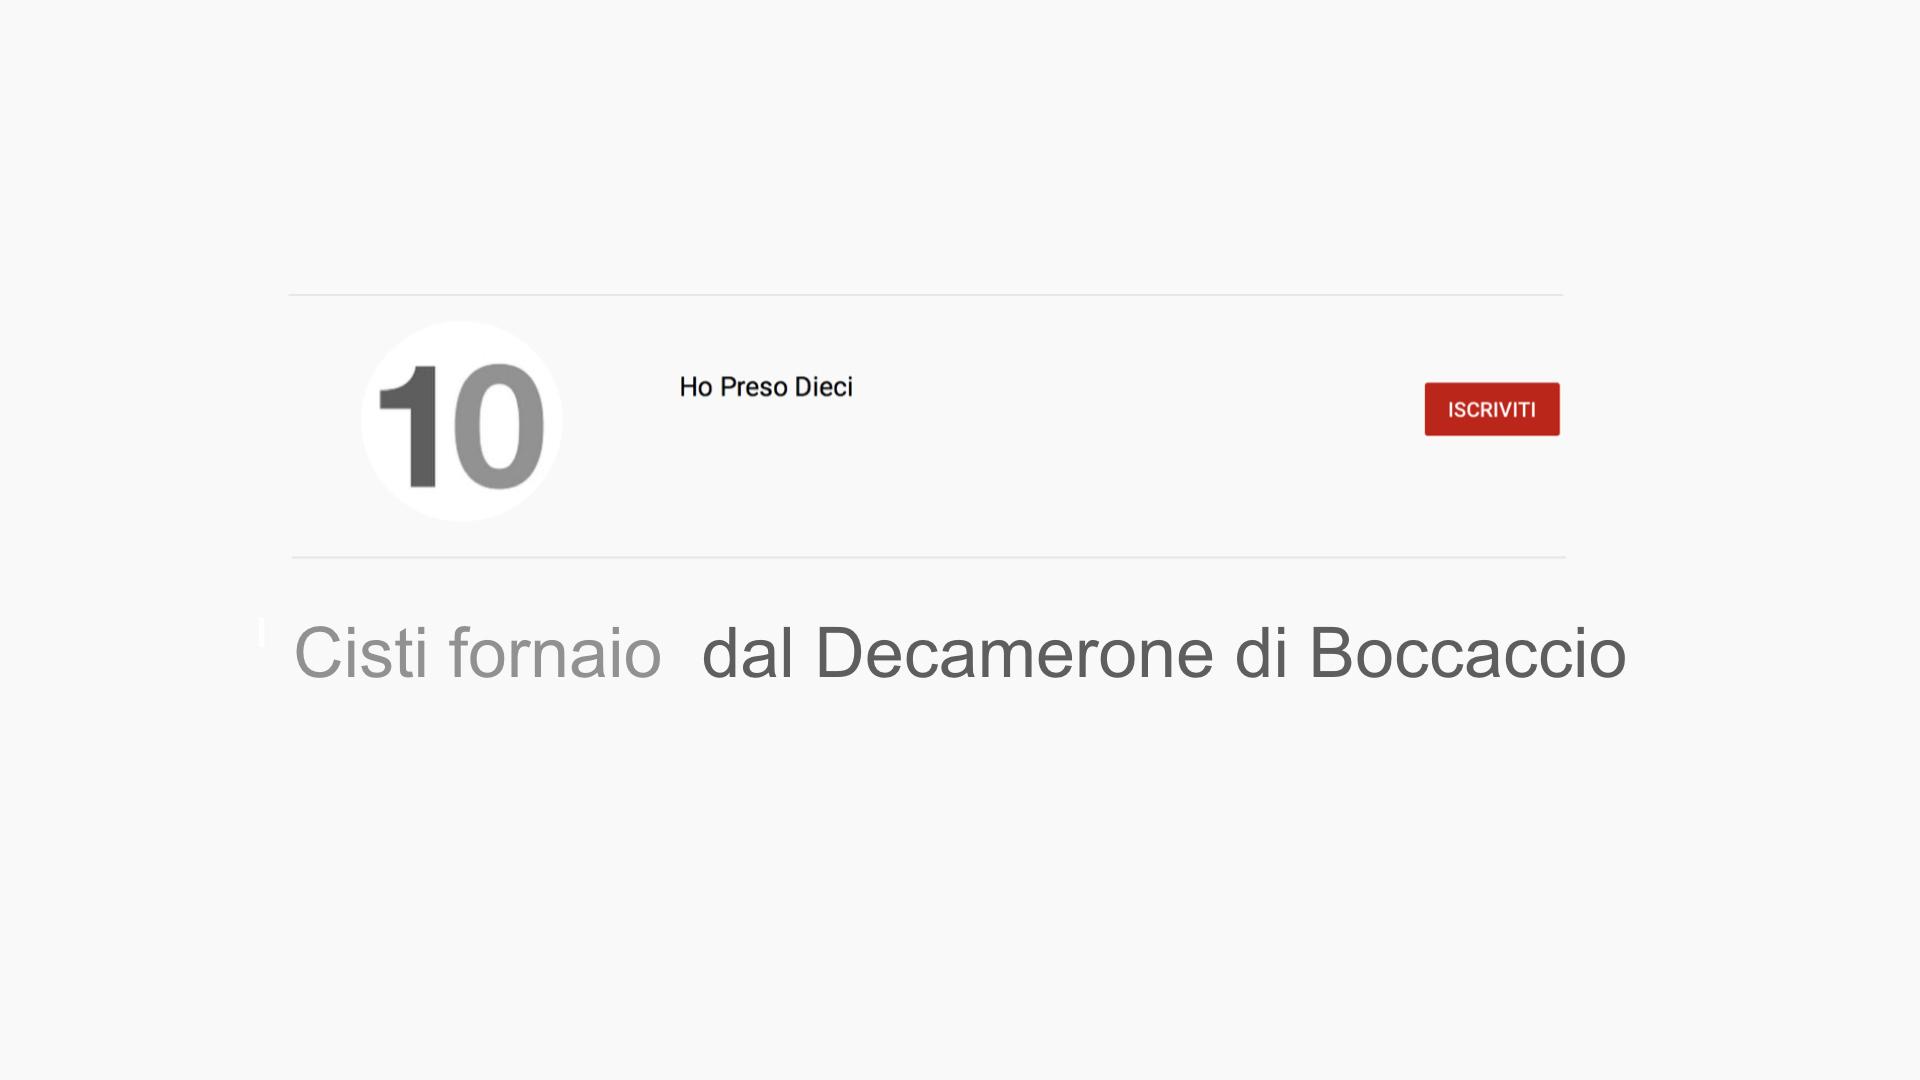 CISTI IL FORNAIO_SIMULAZIONE .001